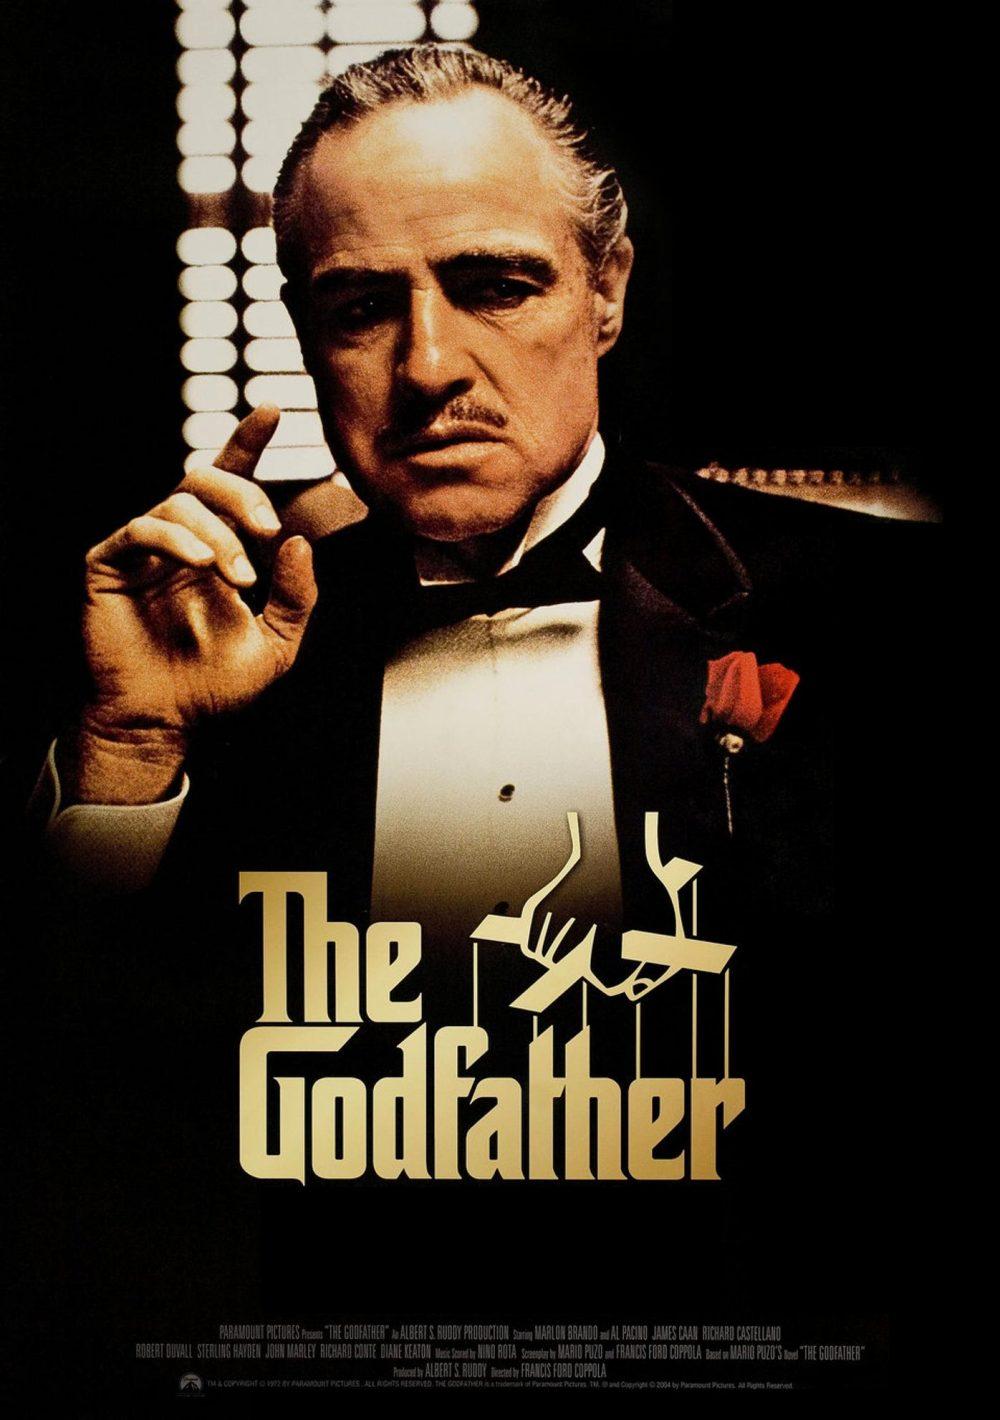 Bố già - The godfather (1972)